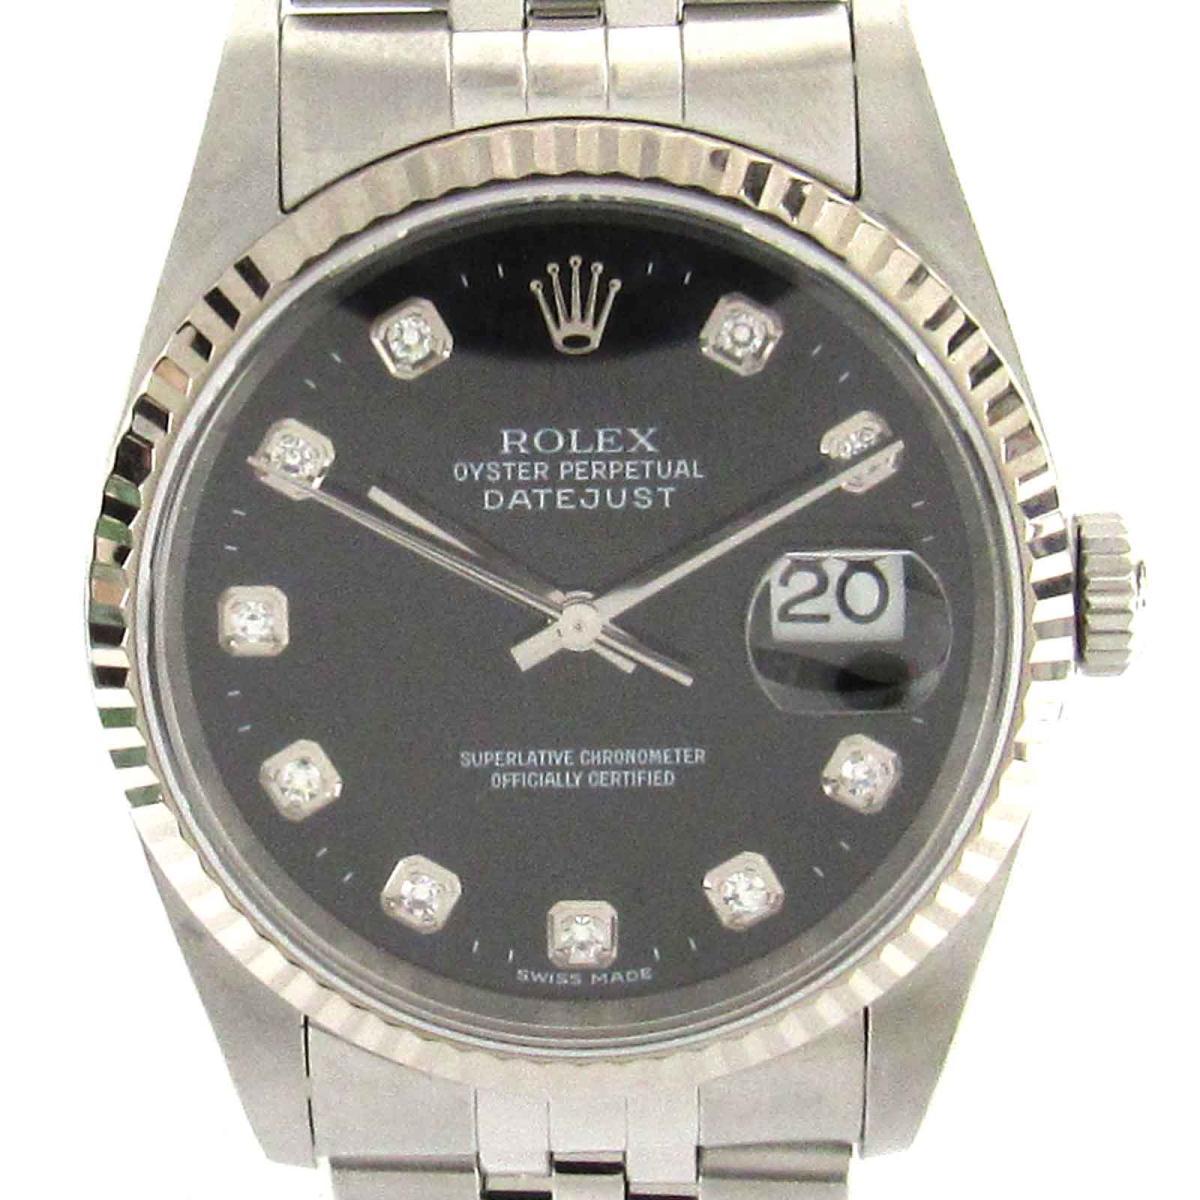 【中古】 ロレックス デイトジャスト 10Pダイヤモンド ウォッチ 腕時計 ステンレススチール (SS) x K18WG (750)ホワイトゴールド ダイヤモンド (16234G) | ROLEX オートマチック 自動巻き 時計 10Pダイヤ K18 18金 美品 ブランドオフ BRANDOFF